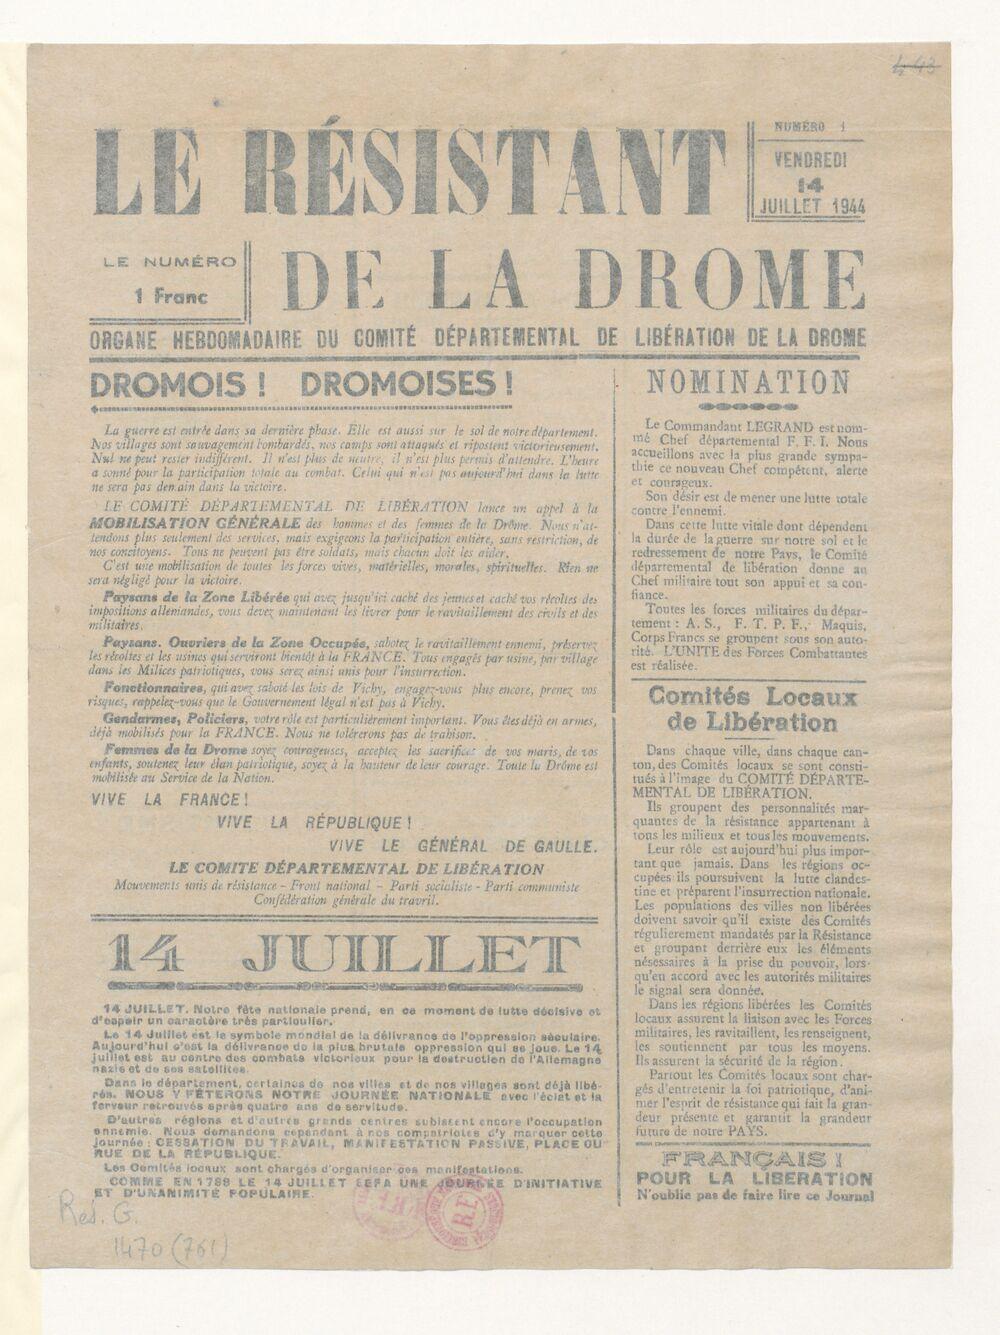 Le Résistant de la Drôme : organe hebdomadaire du Comité départemental de la libération de la Drôme